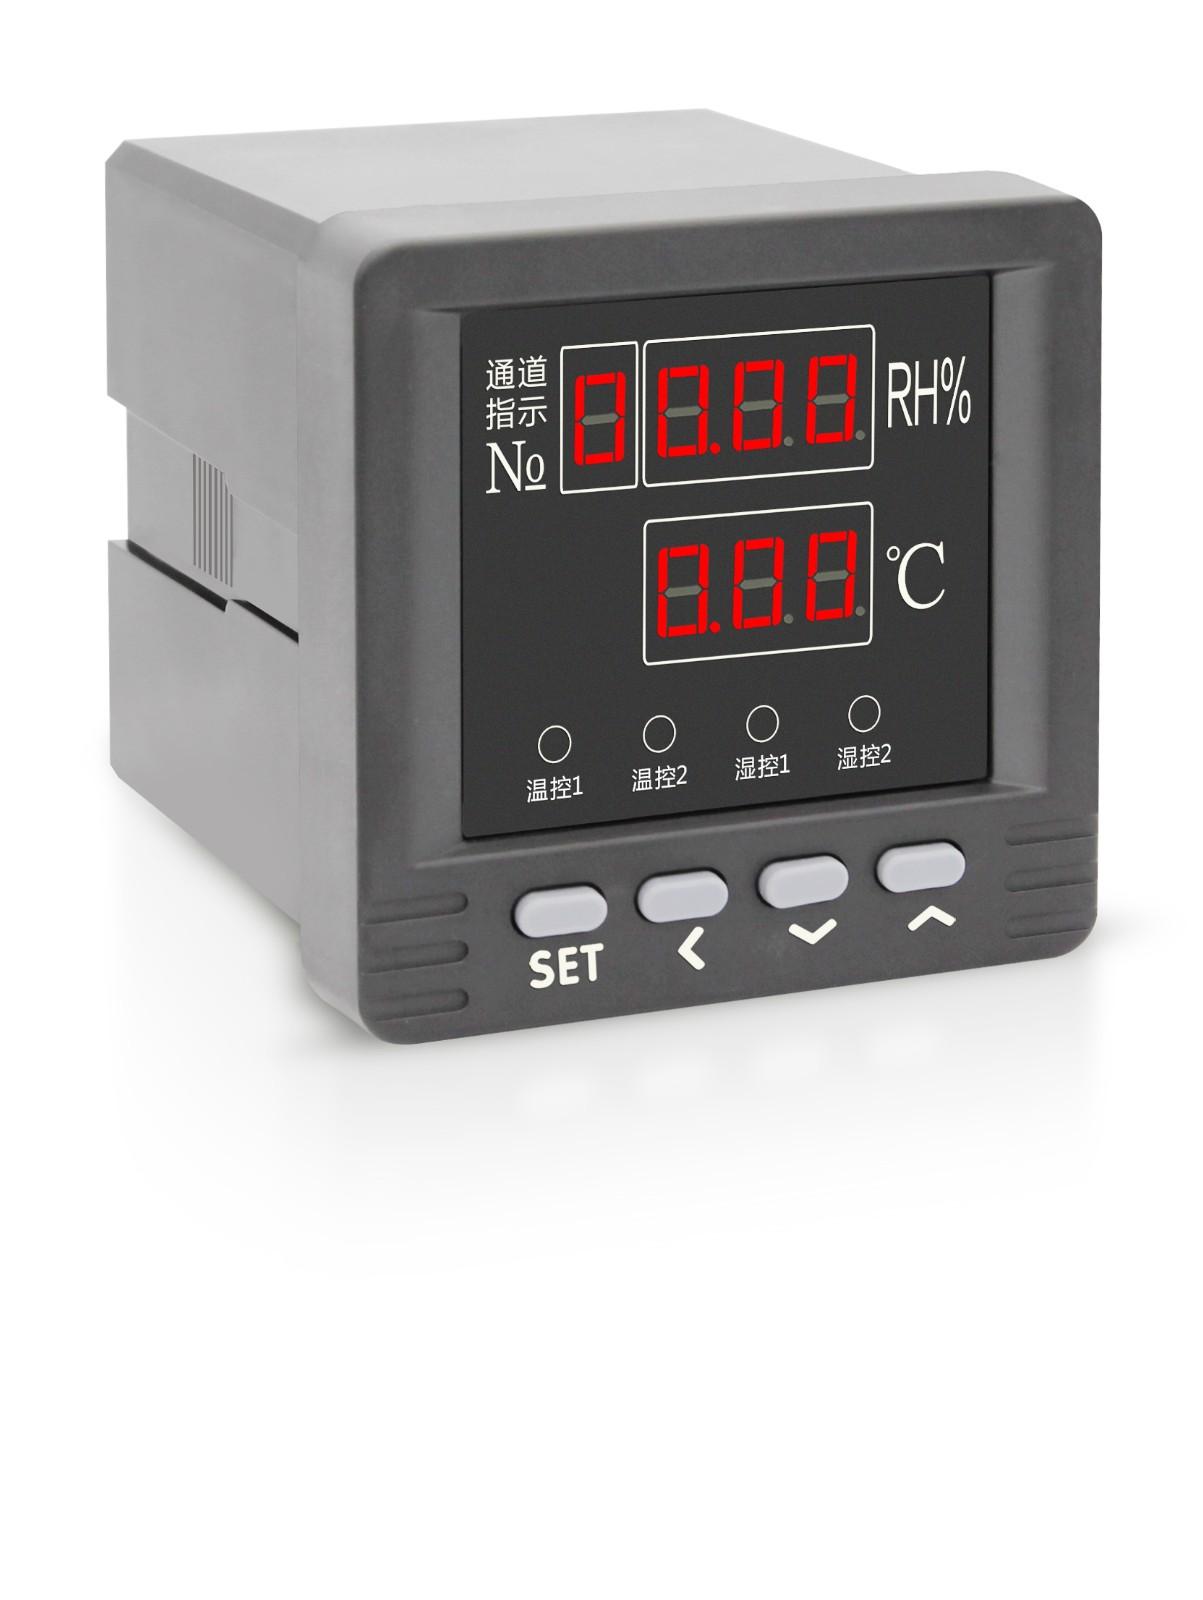 太原市NG801-21单相数显电流表优惠方便客商